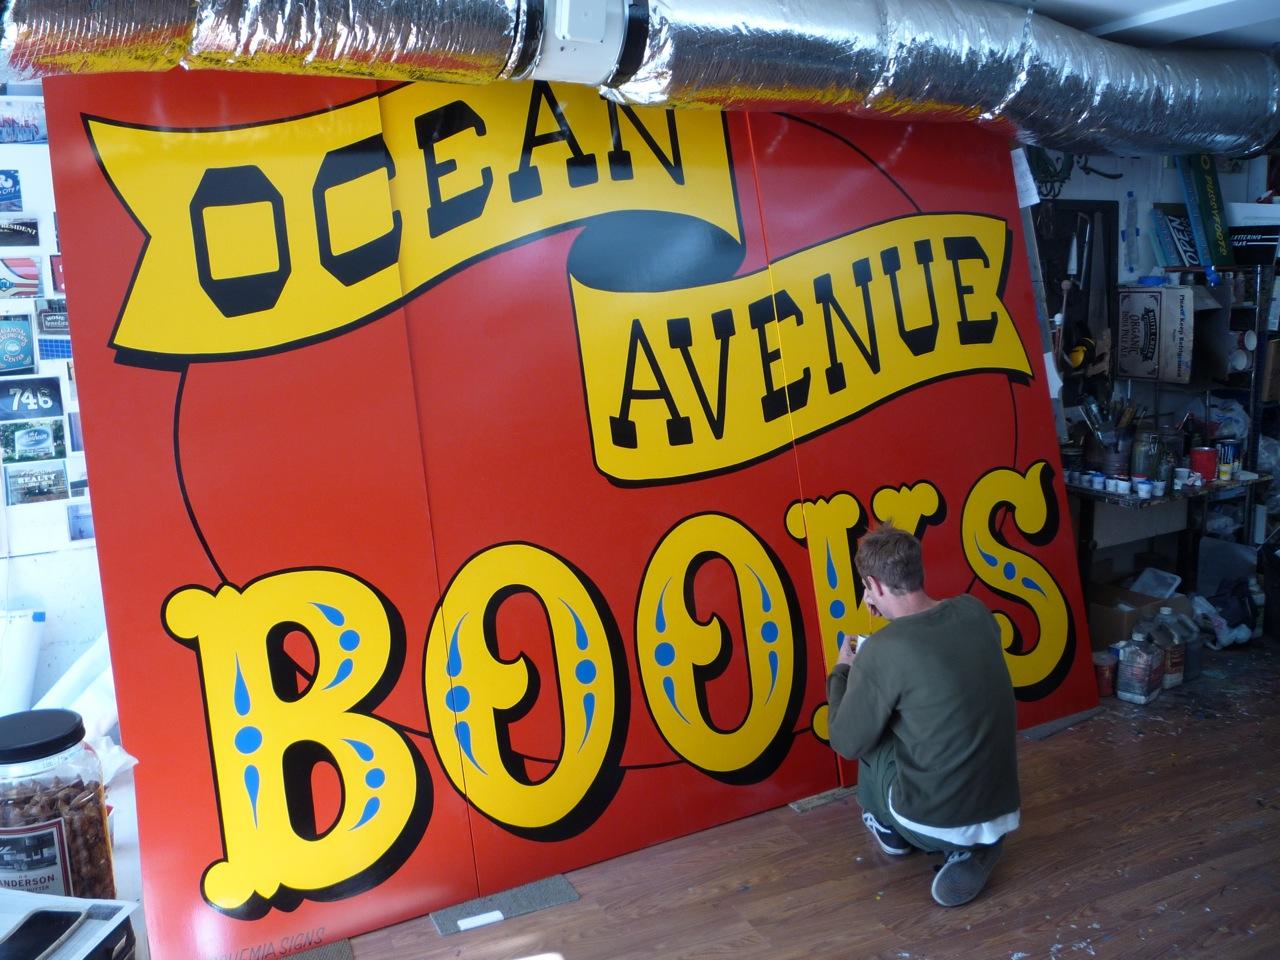 HAND-ocean-avenue-books_5877676599_o.jpg